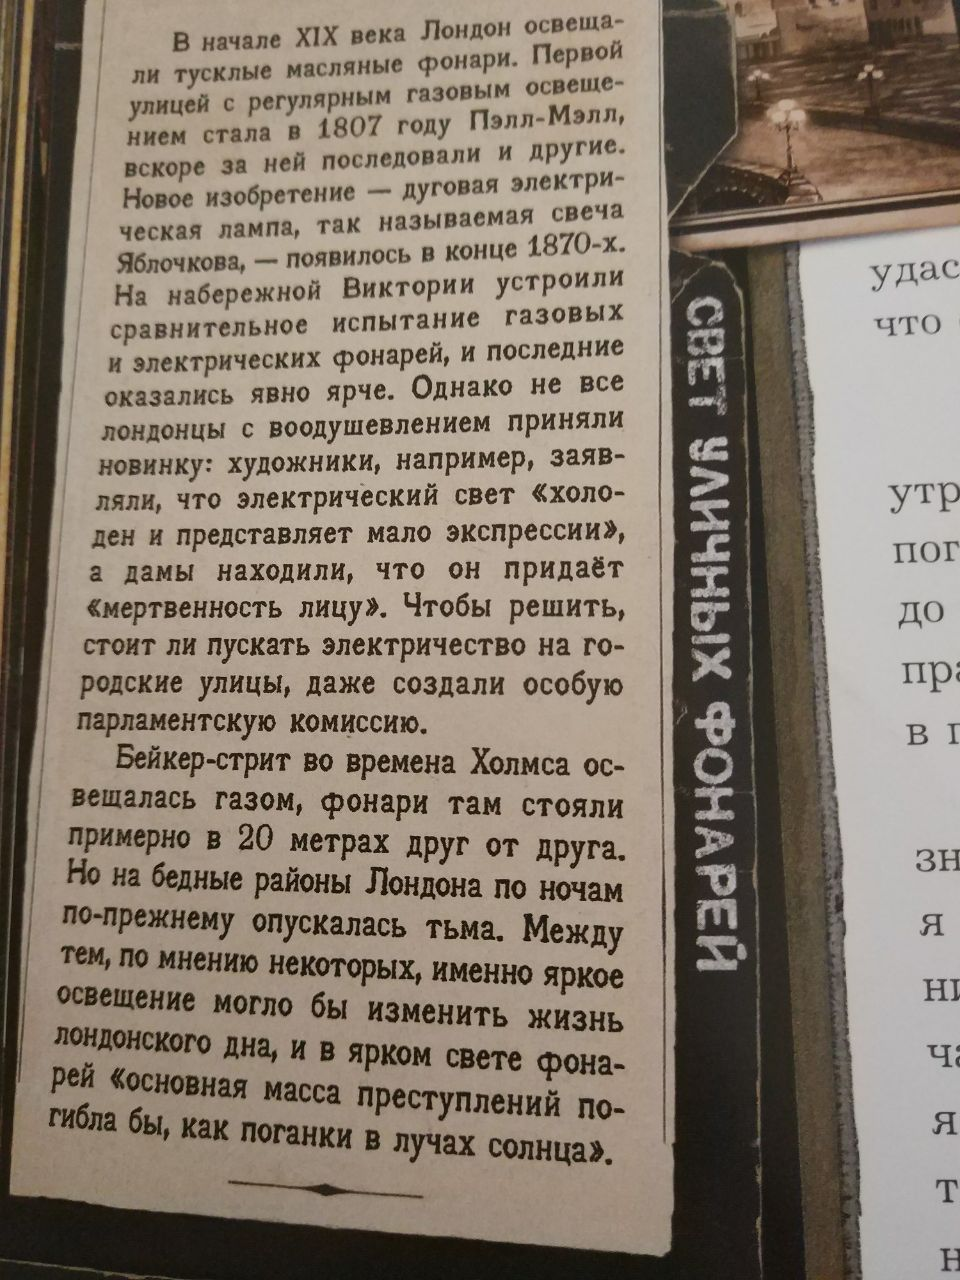 http://s5.uploads.ru/RUNeo.jpg